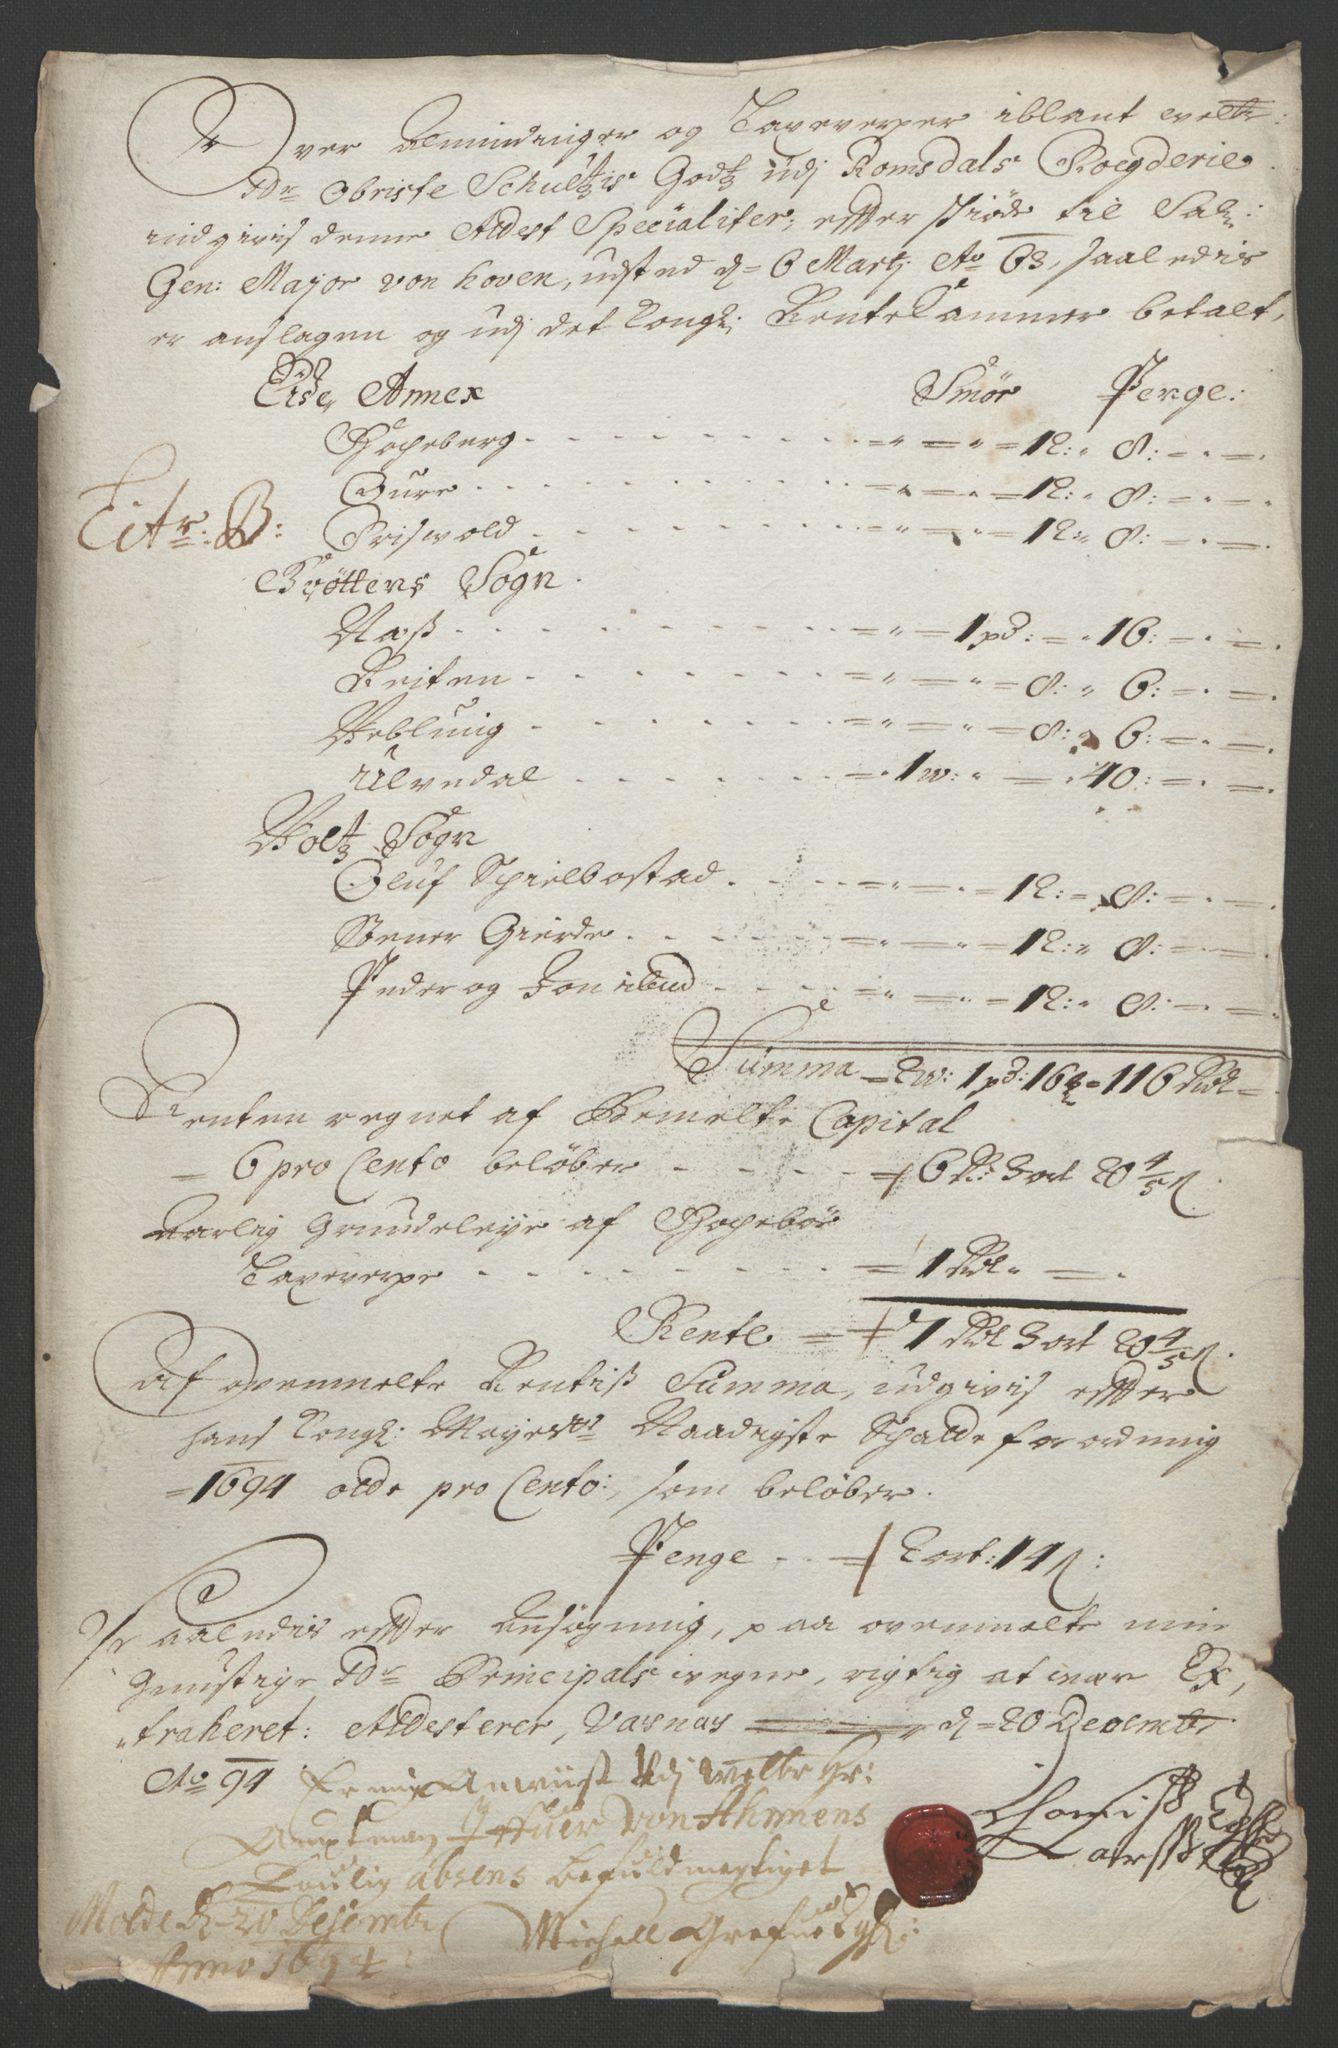 RA, Rentekammeret inntil 1814, Reviderte regnskaper, Fogderegnskap, R55/L3651: Fogderegnskap Romsdal, 1693-1694, s. 229